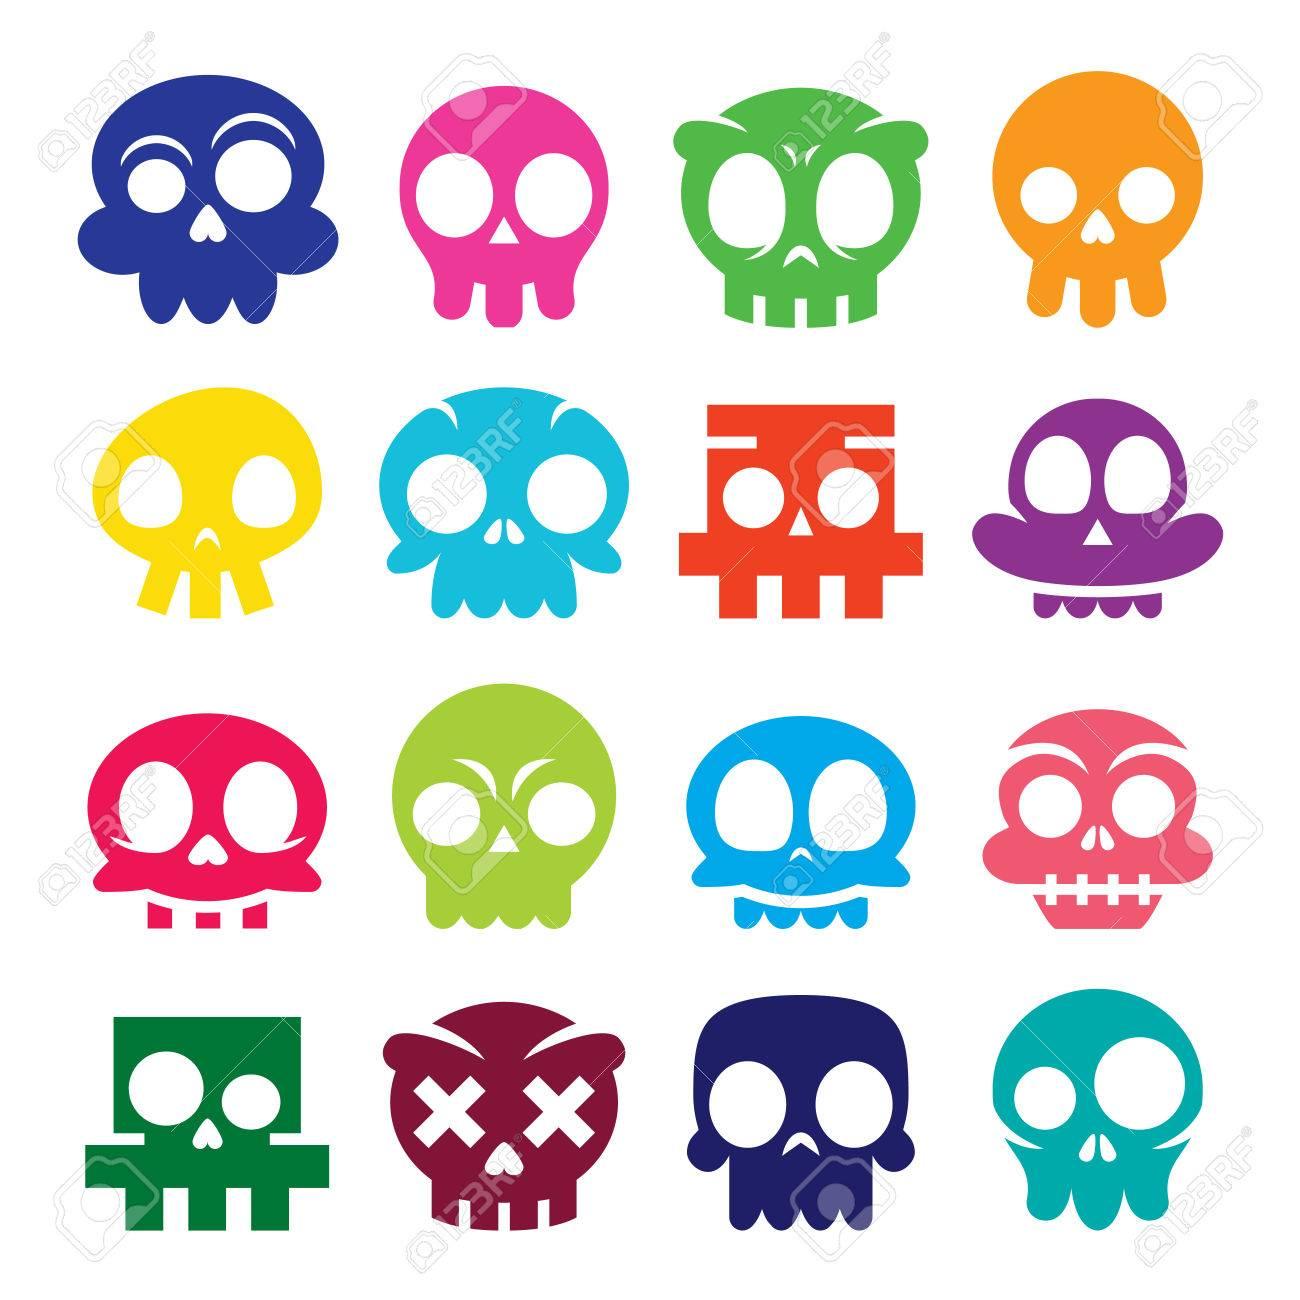 Iconos De Calavera De Dibujos Animados Vector De Halloween Conjunto